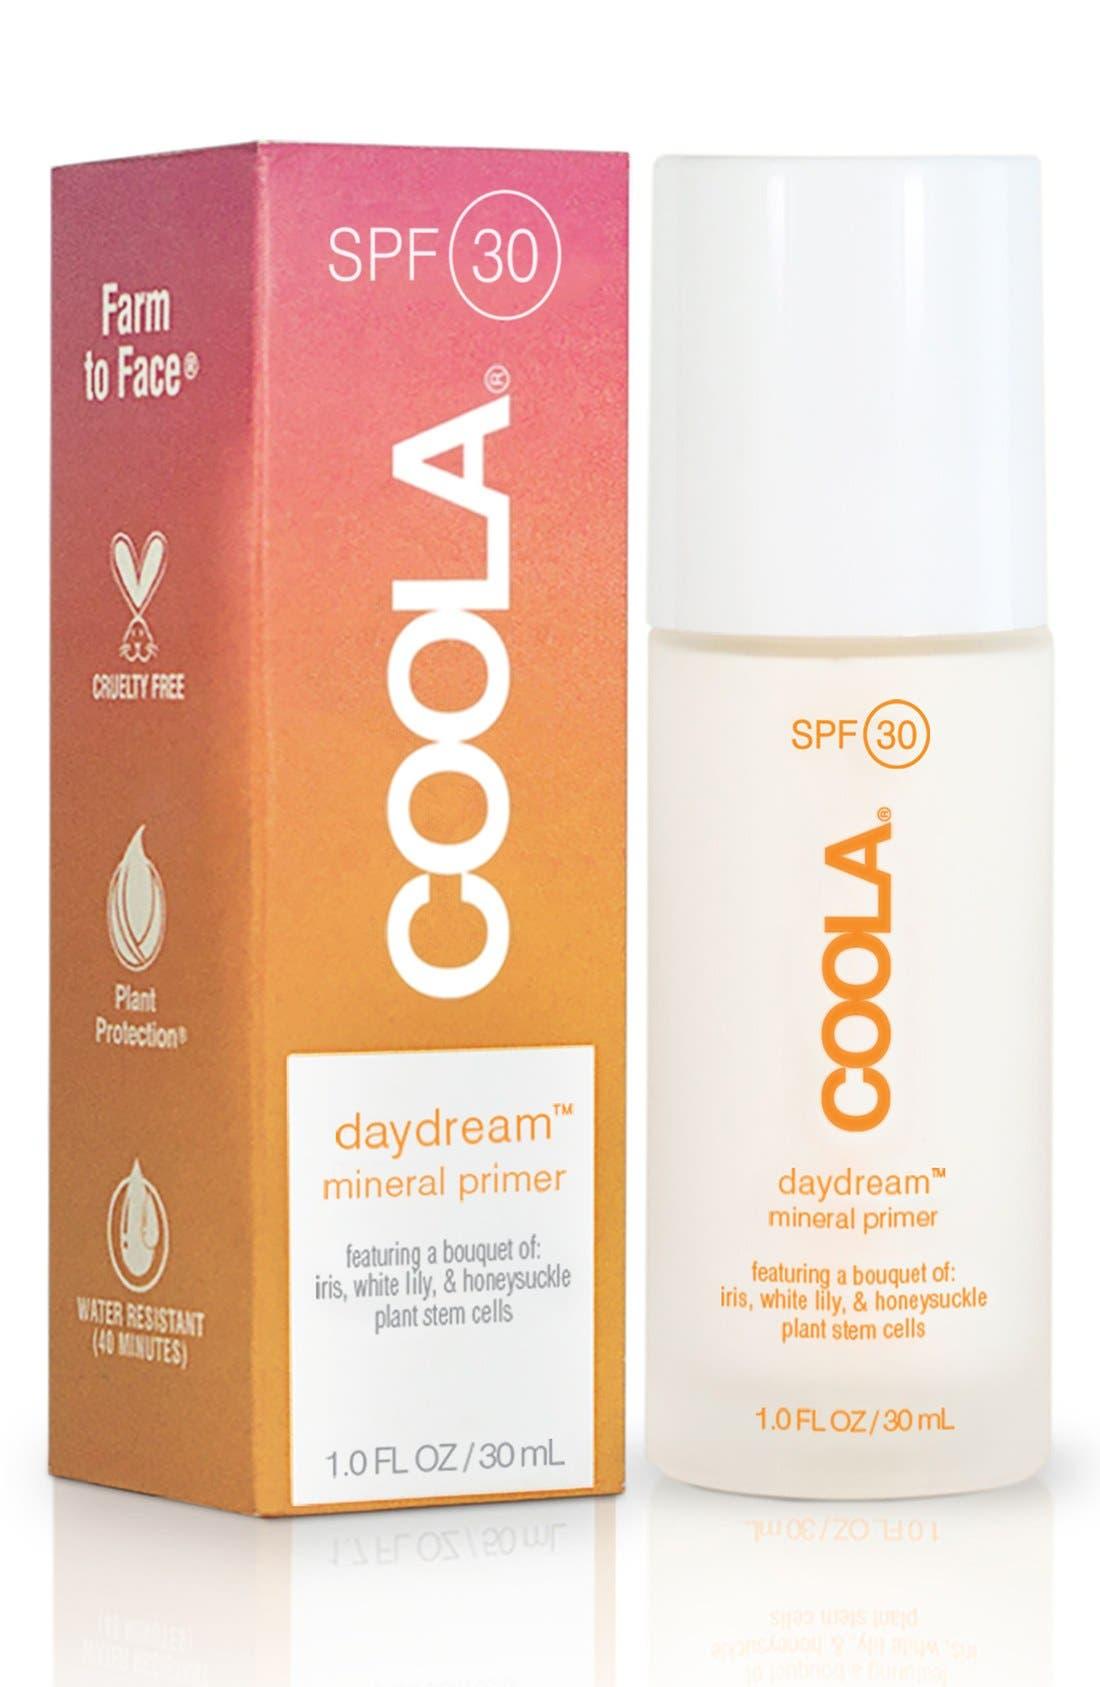 COOLA® Suncare Daydream SPF 30 Mineral Primer